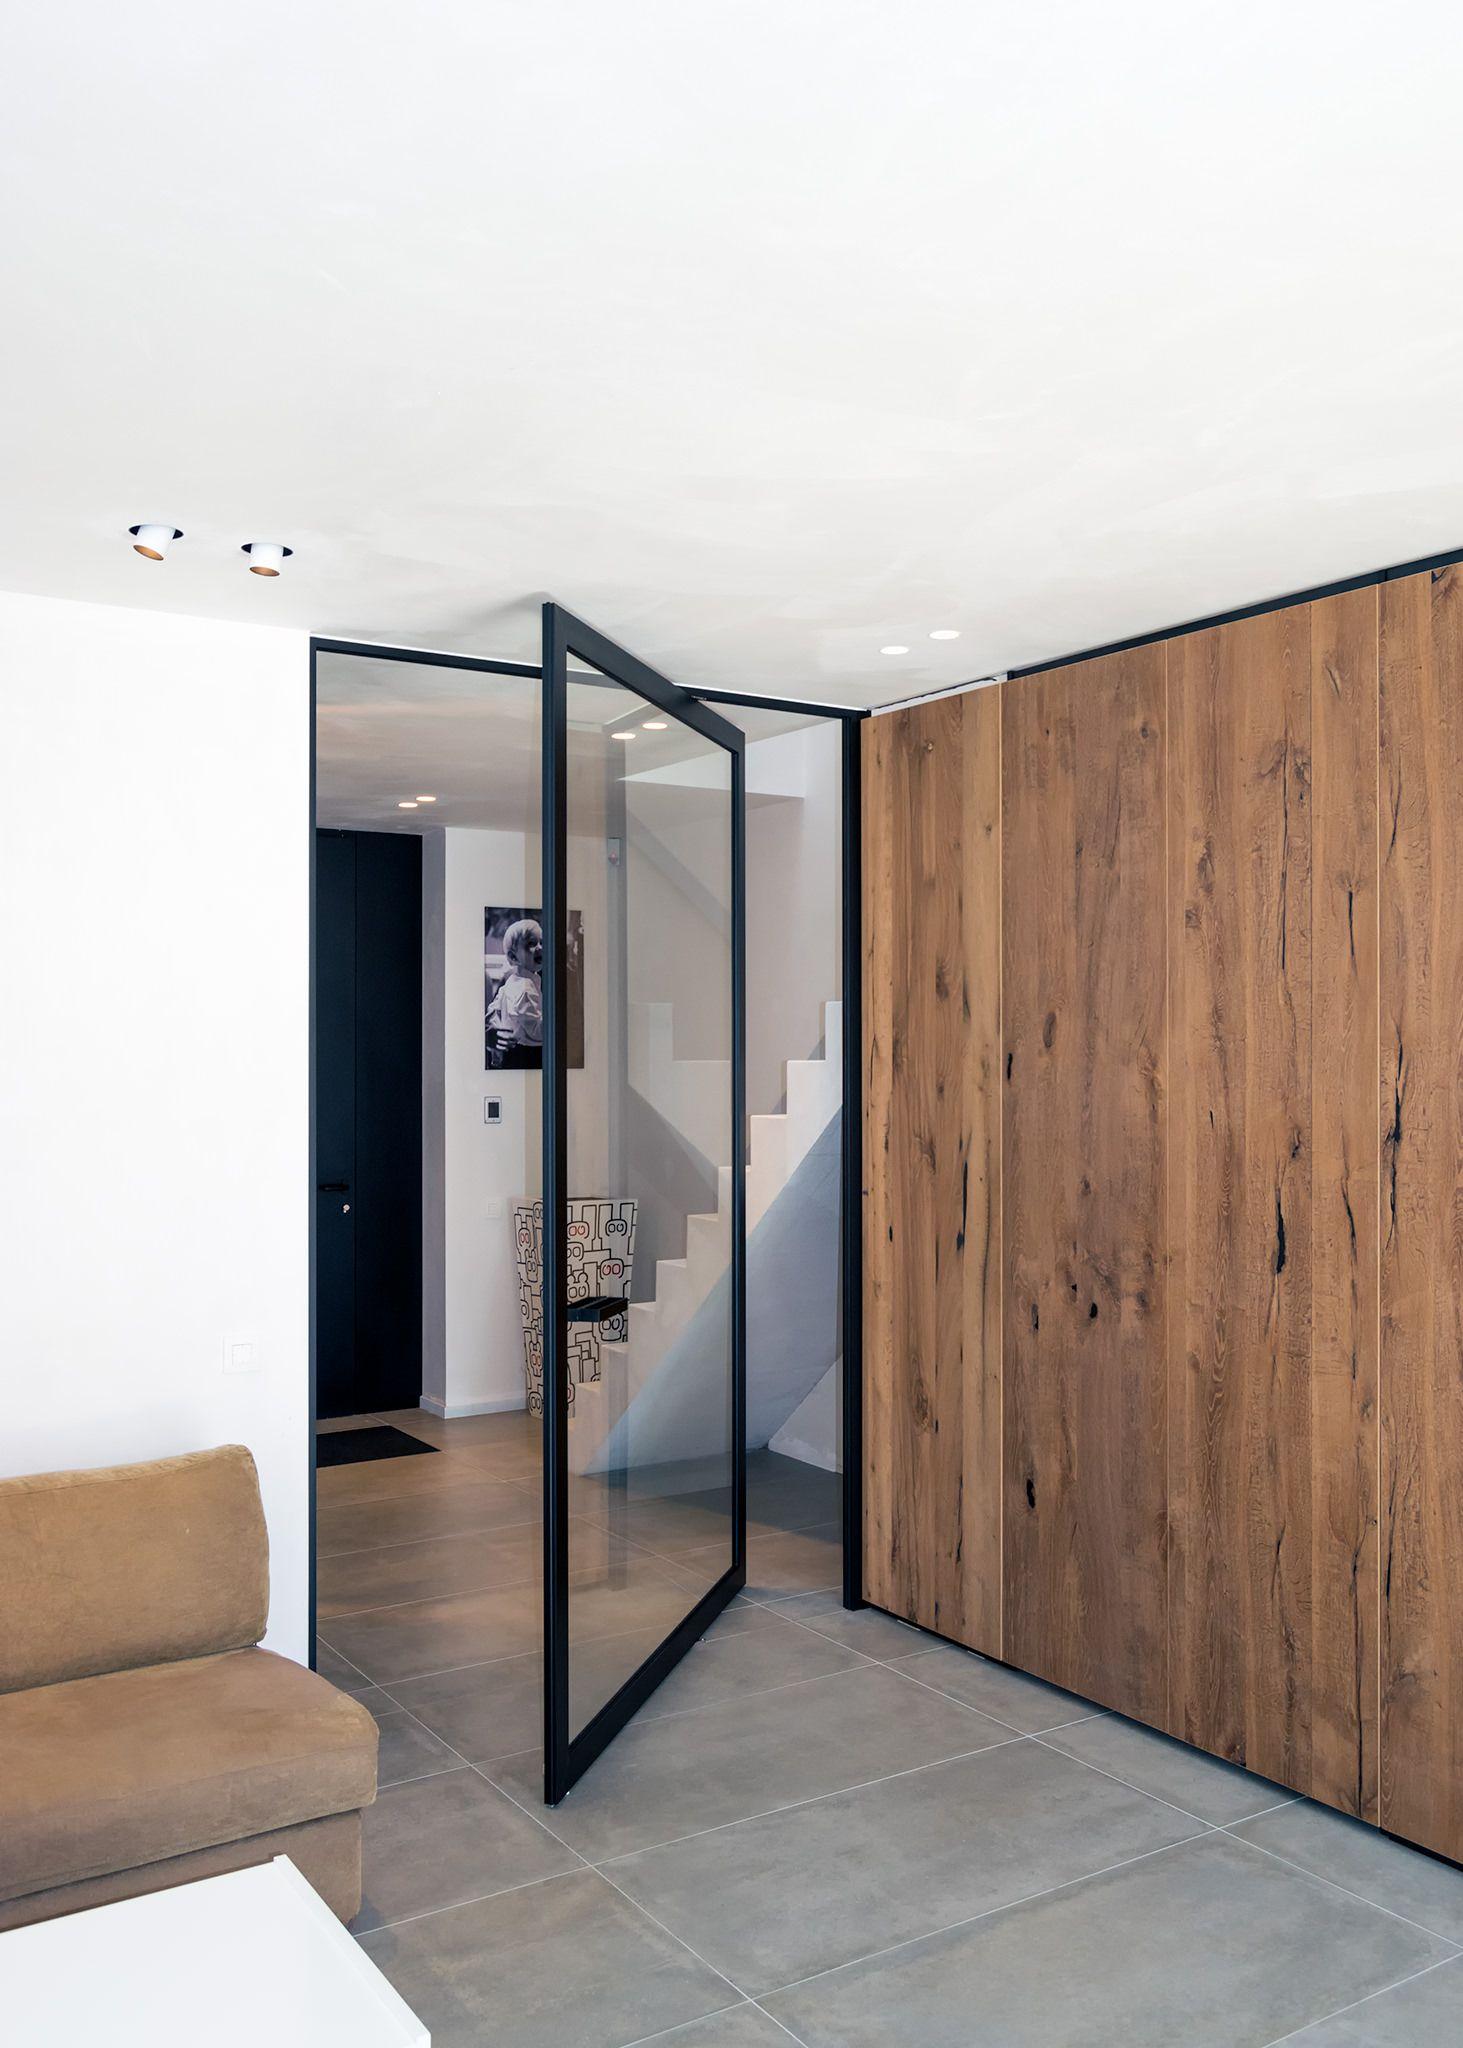 Porte Vitrée Look Acier Sur Pivot Désaxé GLASS STEEL DOORS - Porte vitrée sur pivot